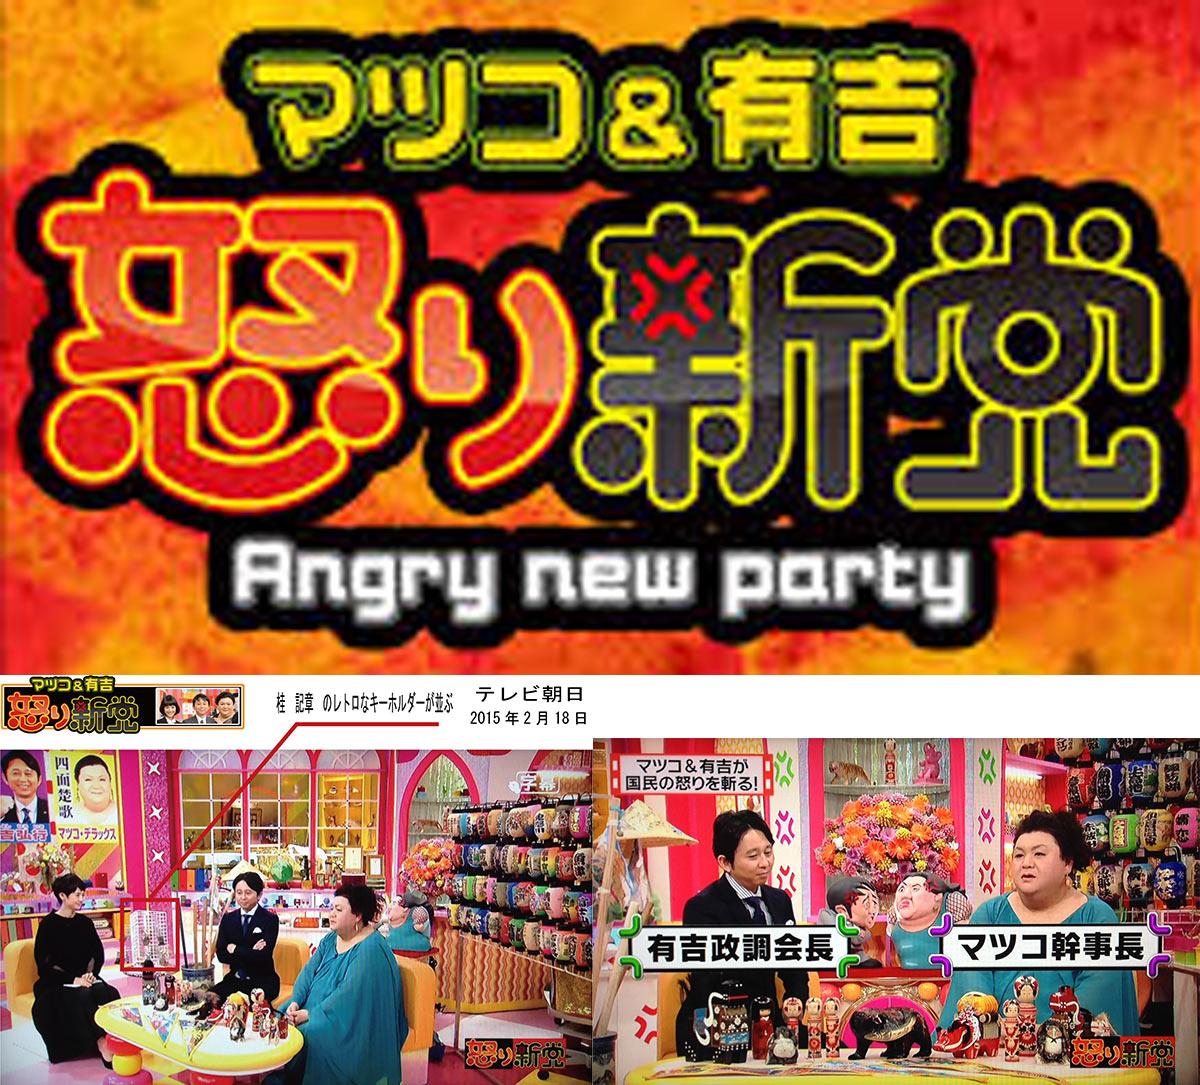 テレビ朝日 「怒り新党」 お土産キーホルダー 登場しました